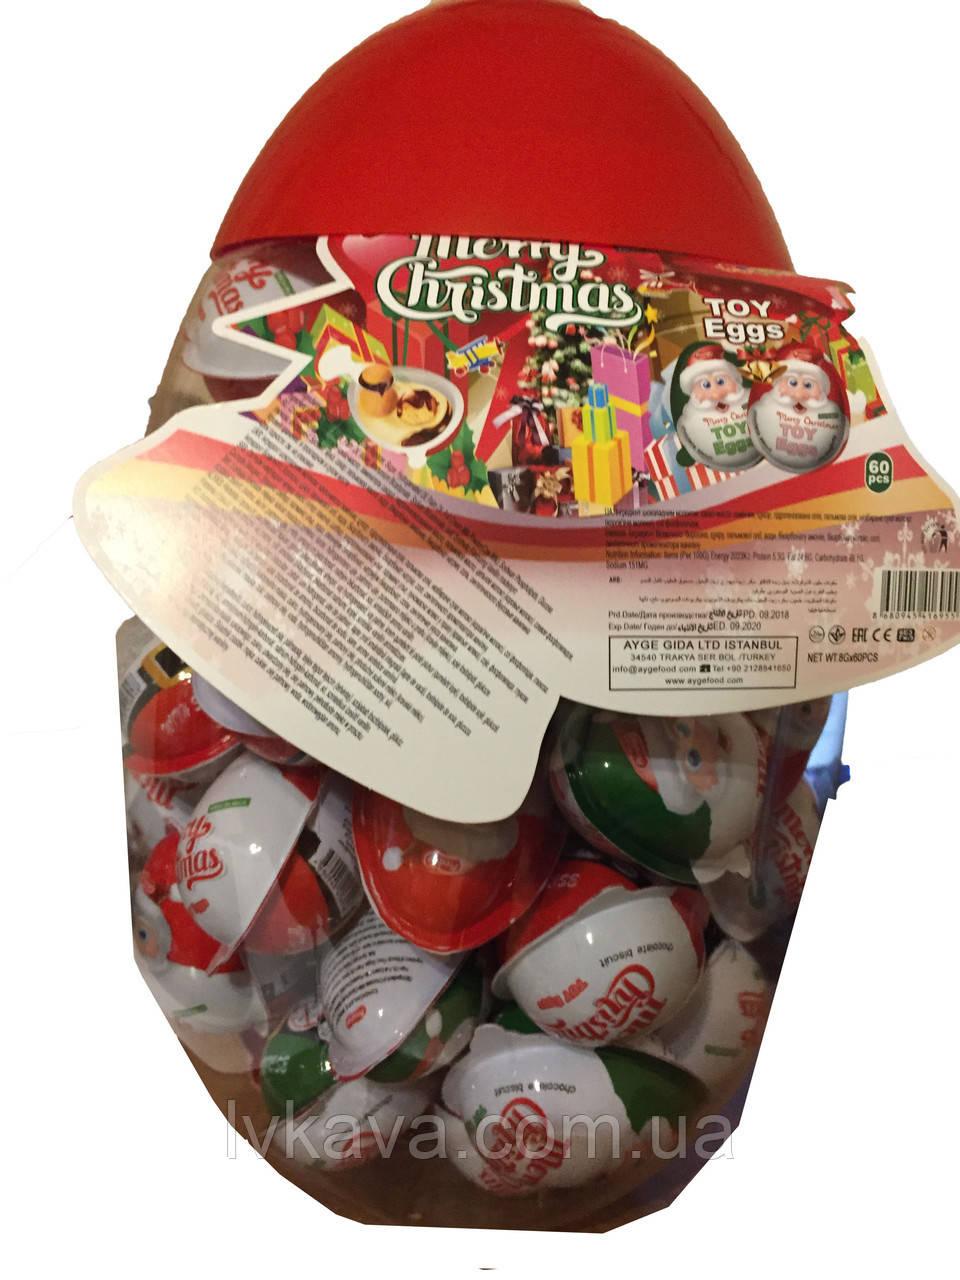 Новогодний набор Яйцо-игрушка Merry Christmas c печеньем в глазури, 8 g X 60 шт